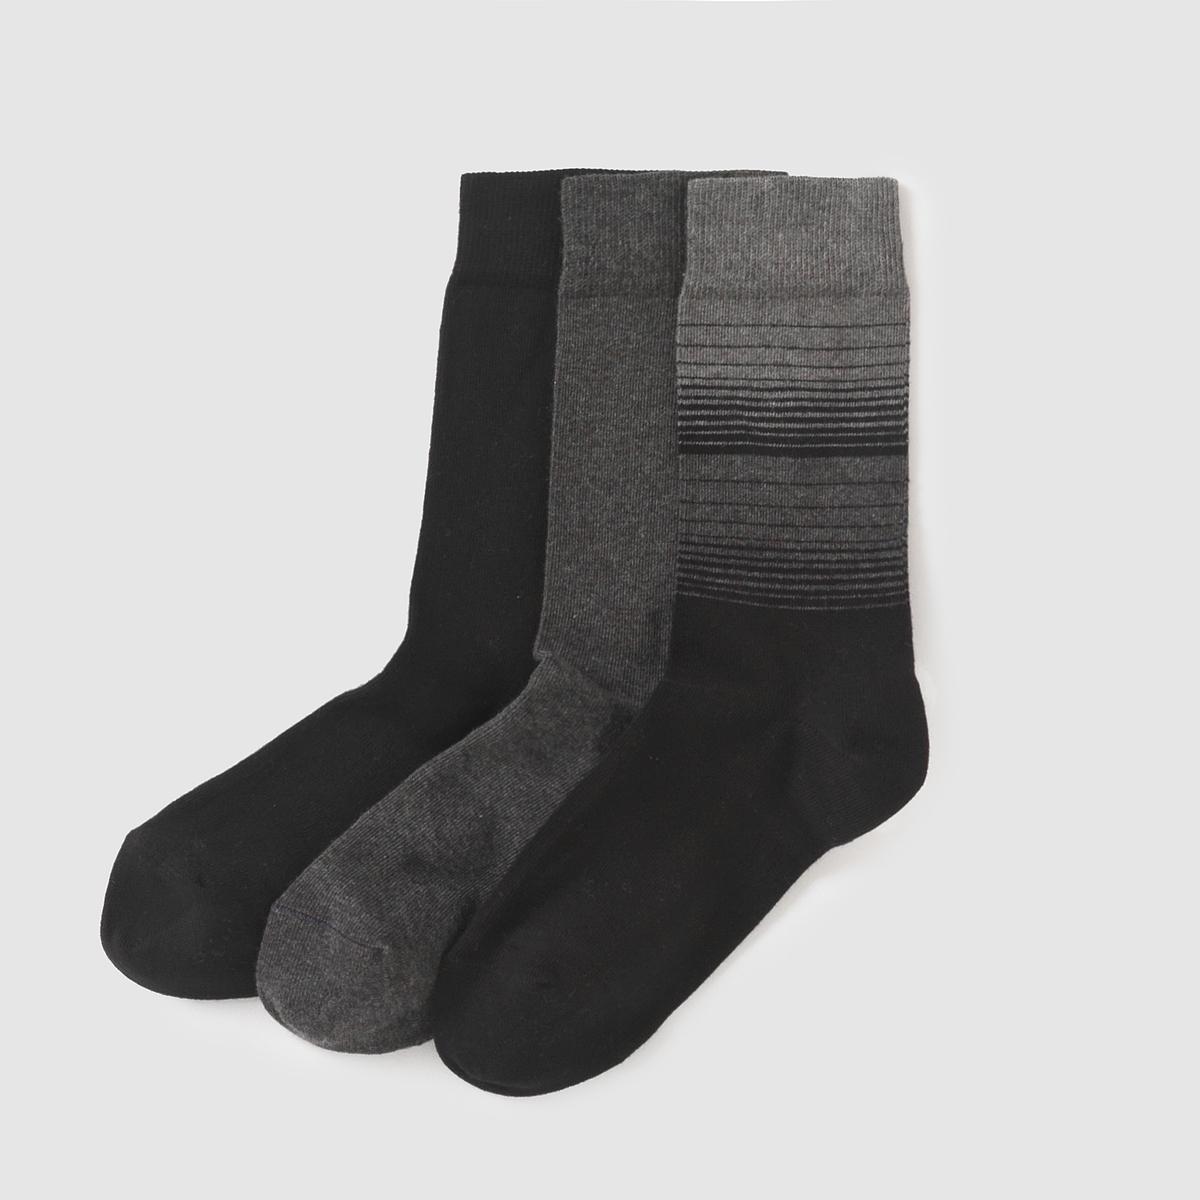 Комплект из 3 пар носков комплект из 5 пар коротких носков из хлопка